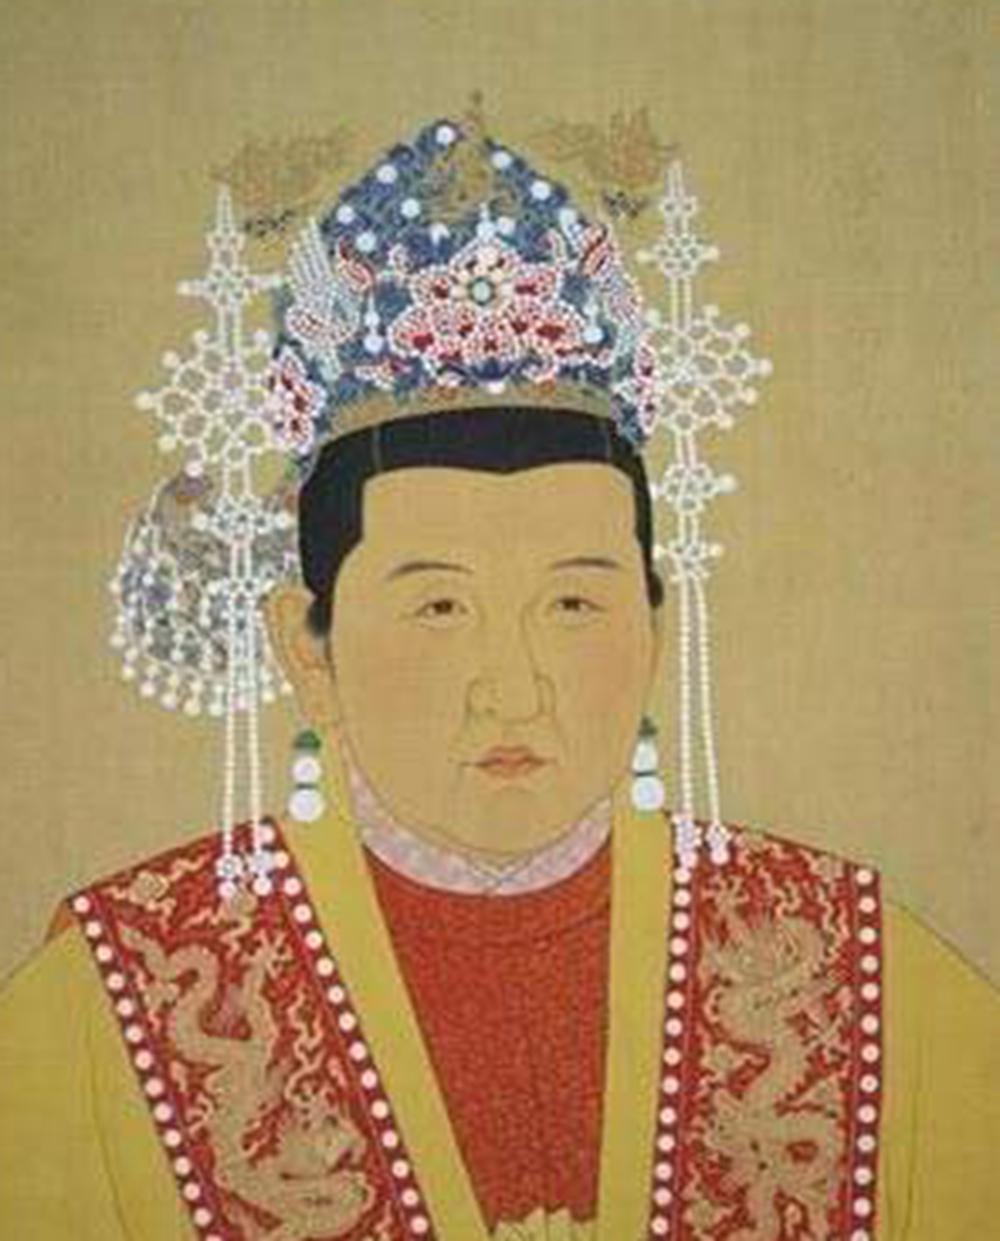 手绘古装皇后贵妃图片